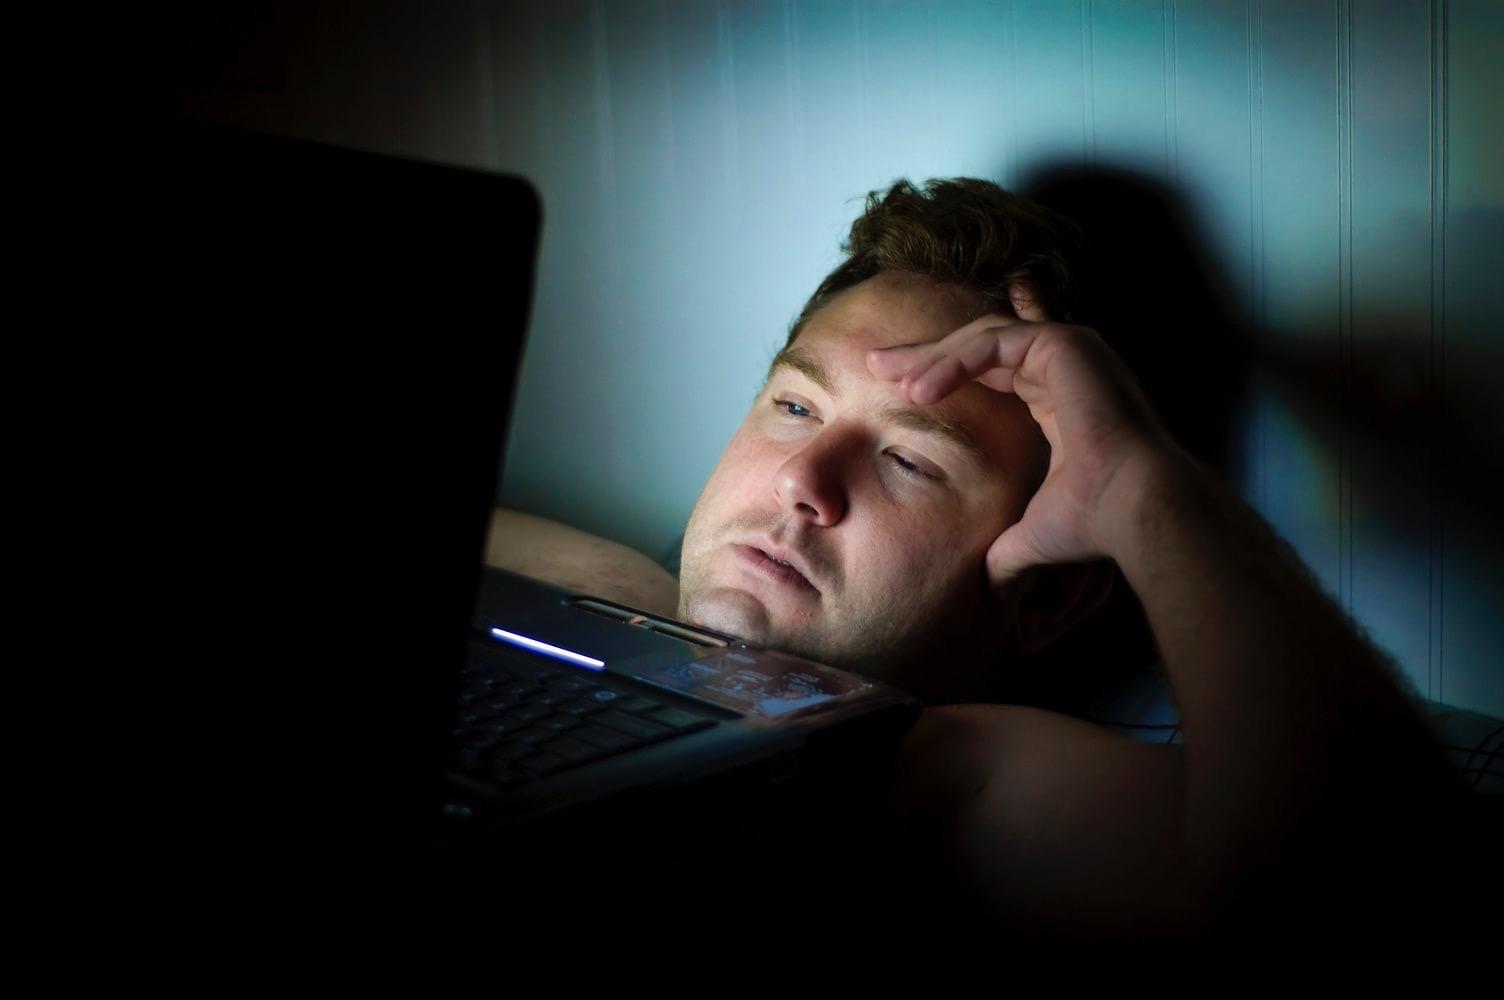 Un homme couché qui regarde un ordinateur - Précision Chiropratique